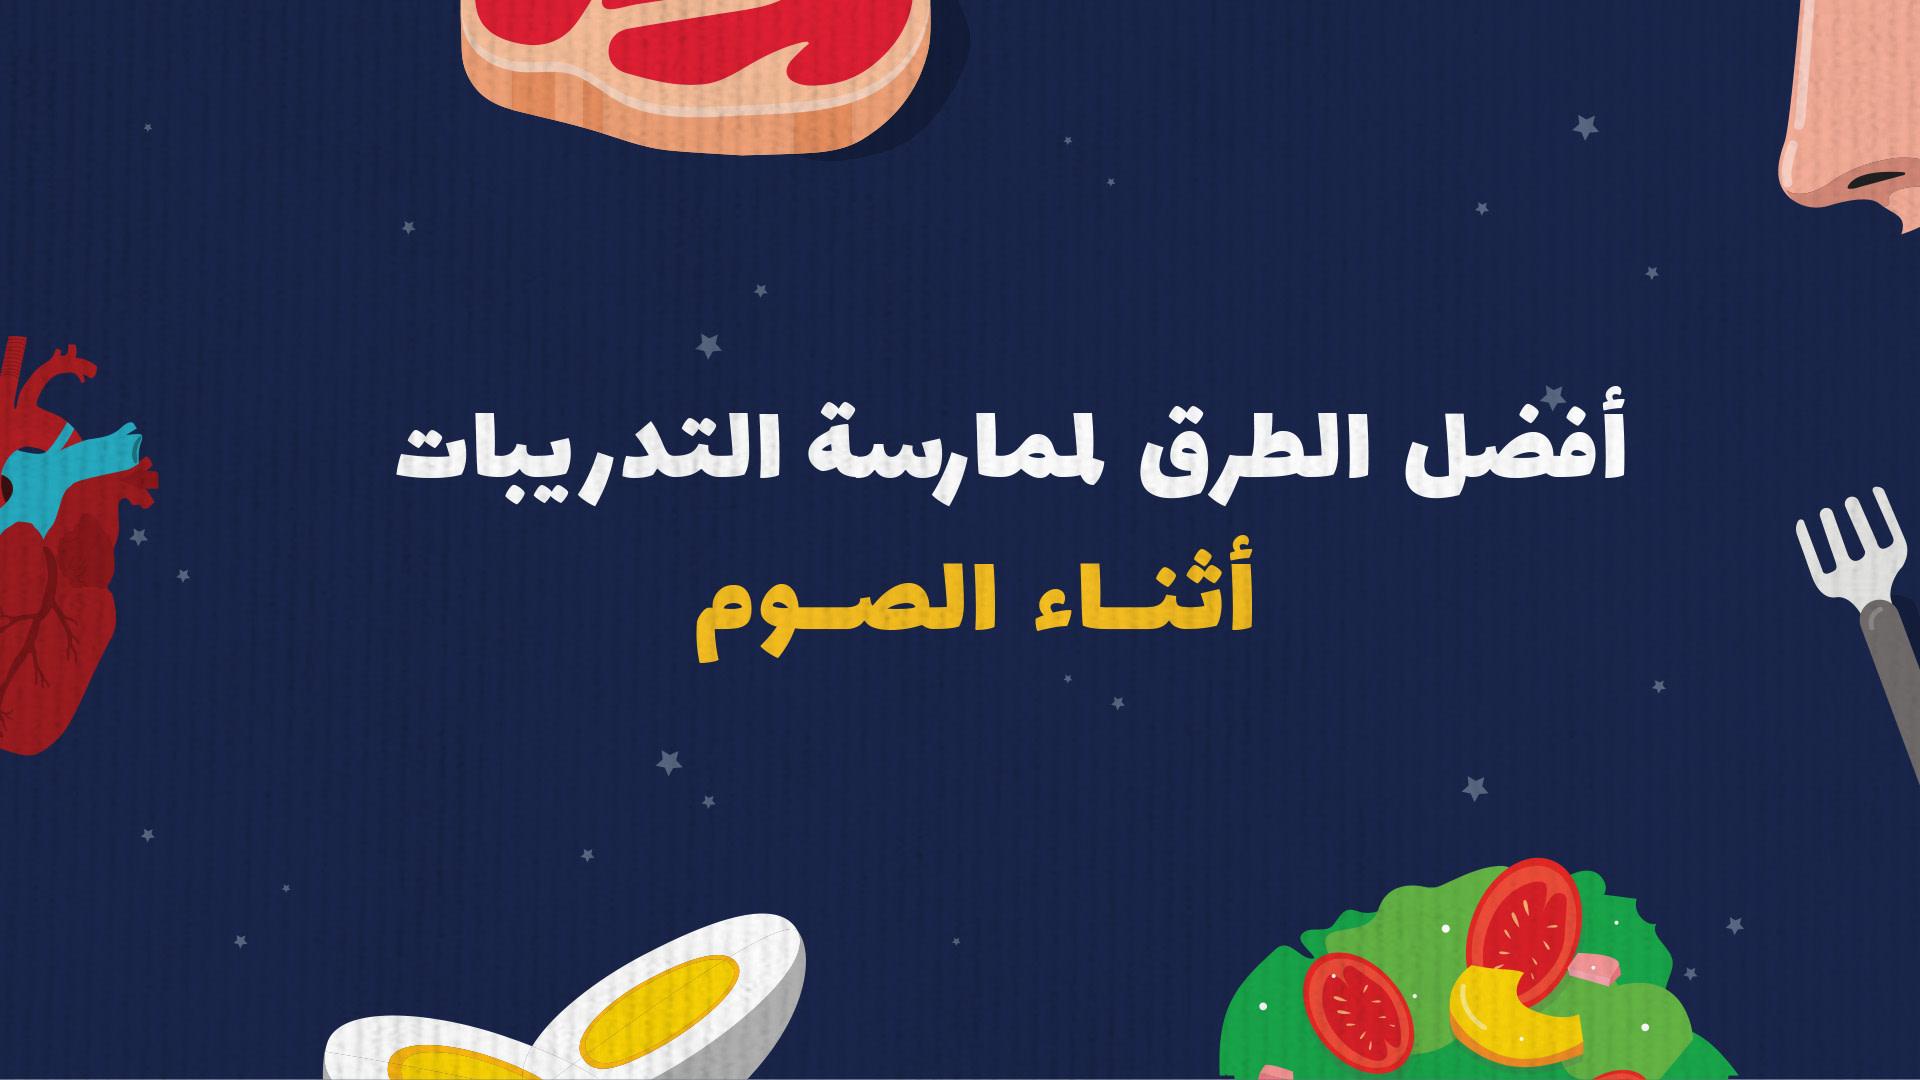 4 طرق لممارسة التمارين الرياضية بذكاء خلال شهر رمضان